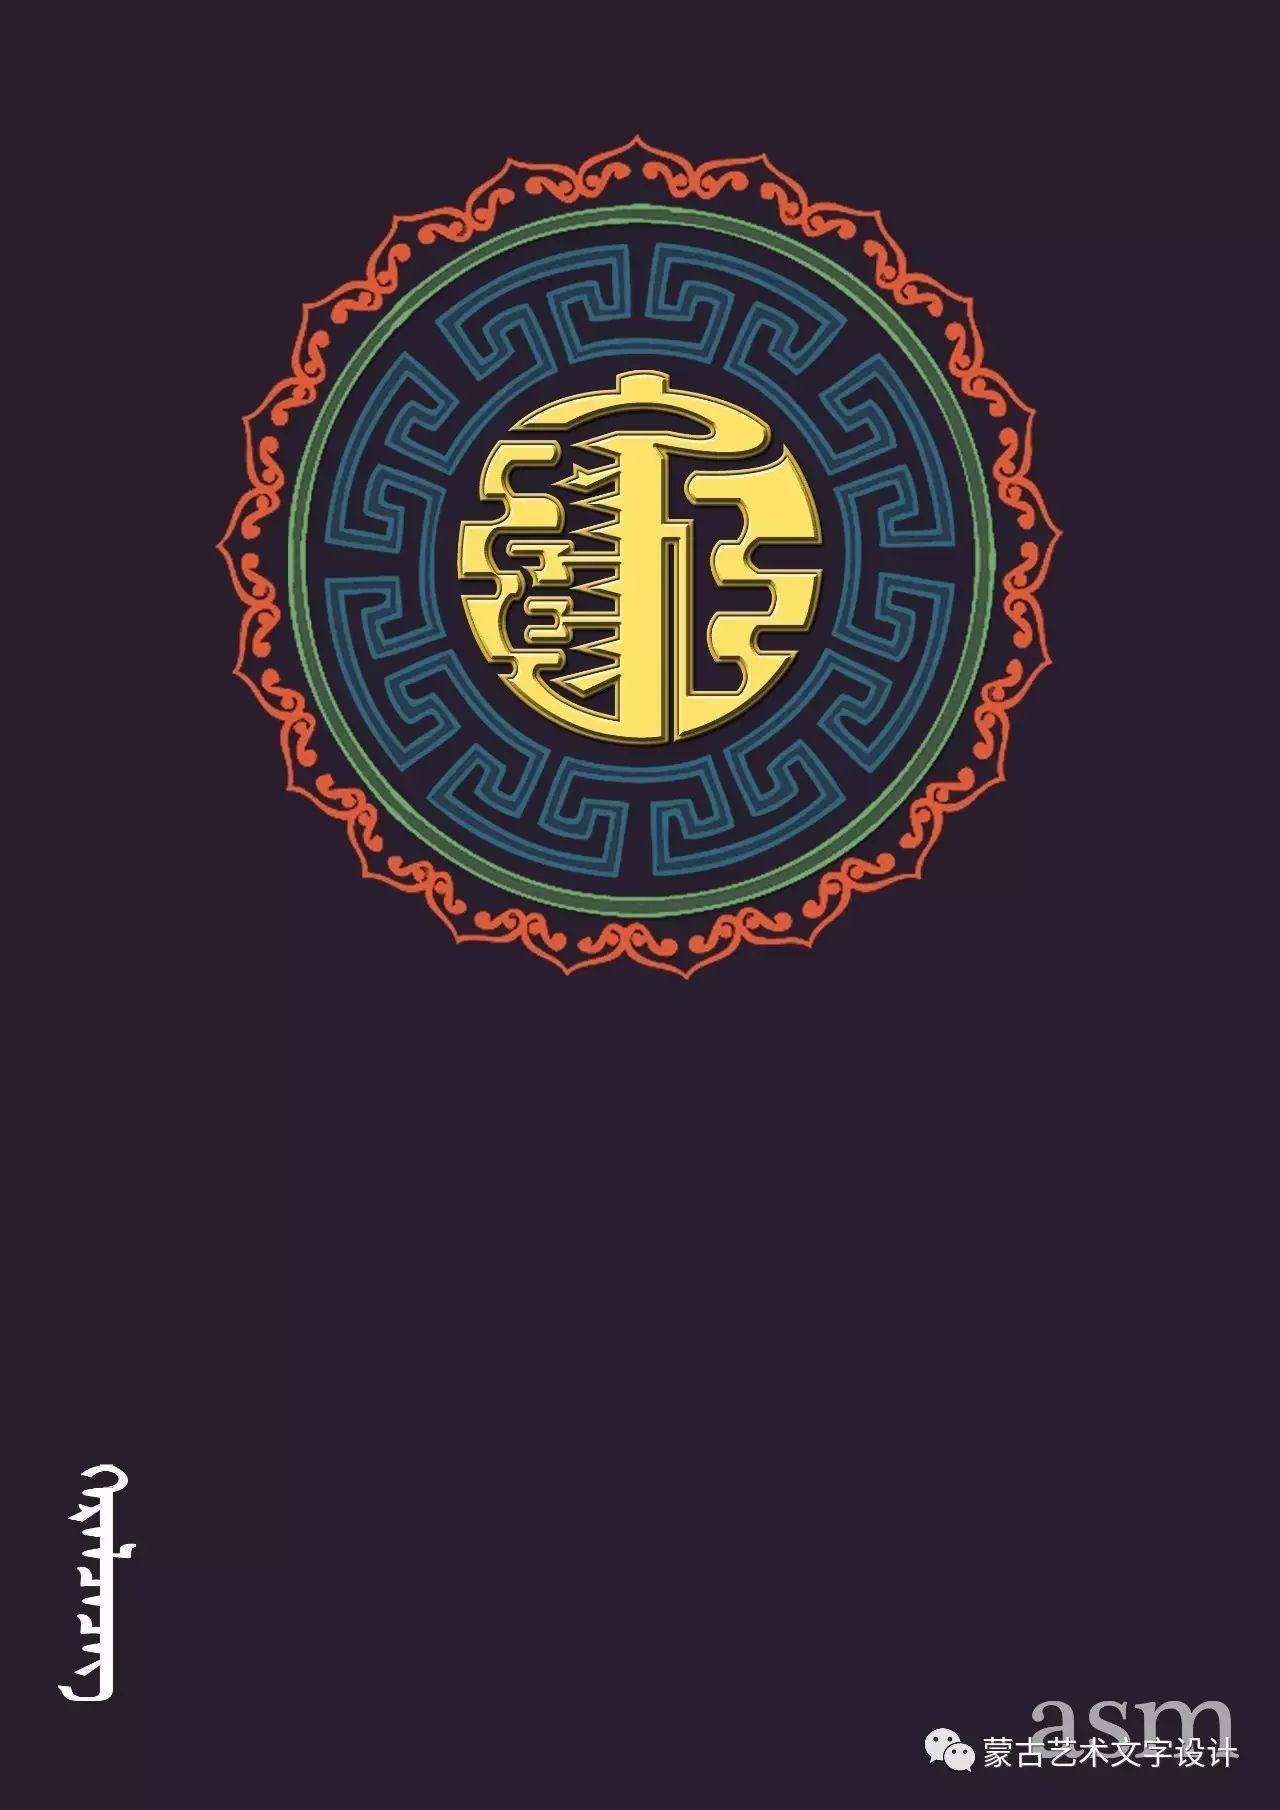 蒙古艺术文字设计 第42张